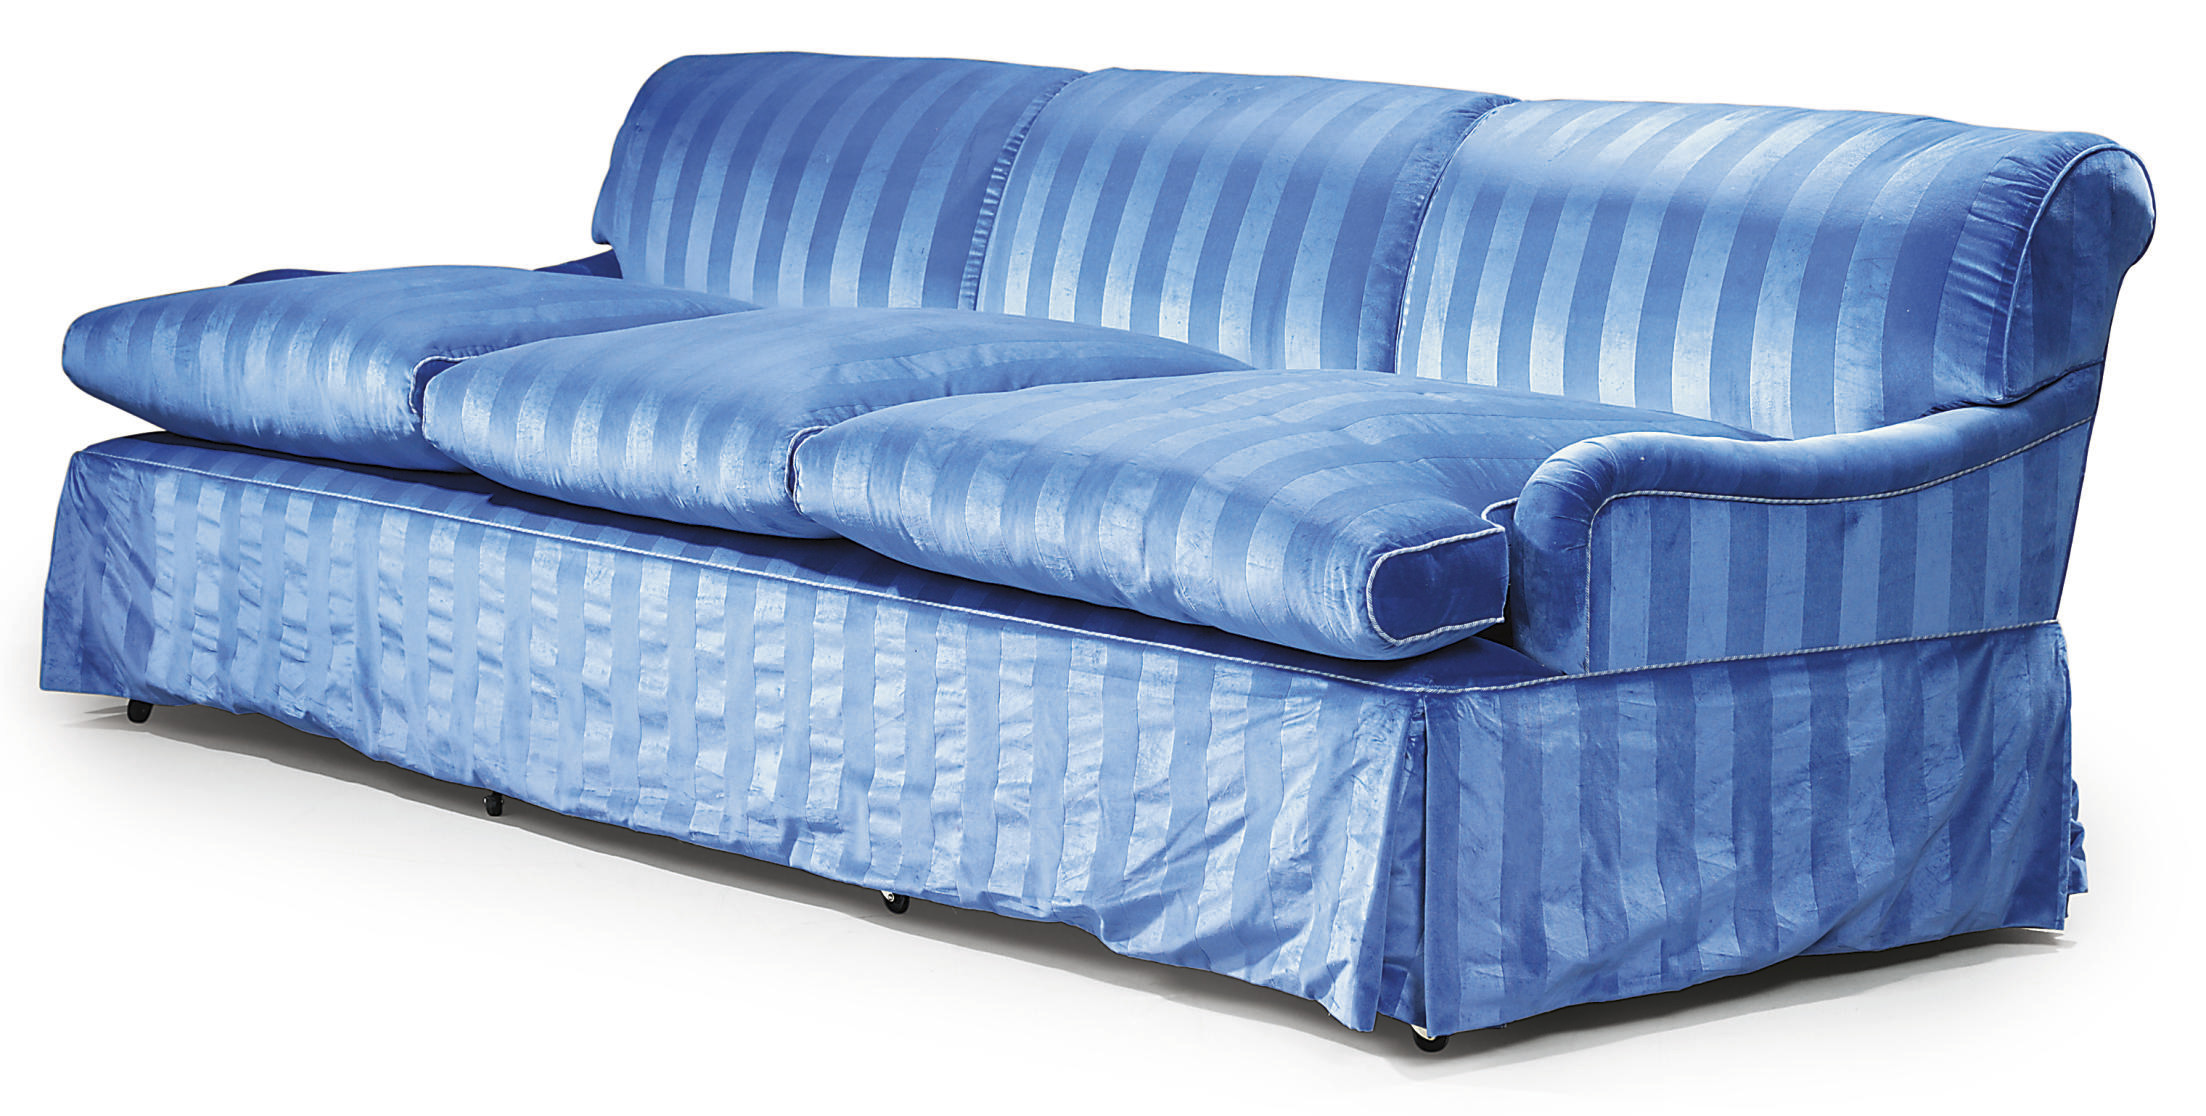 A LARGE MODERN UPHOLSTERED BLUE VELVET SOFA